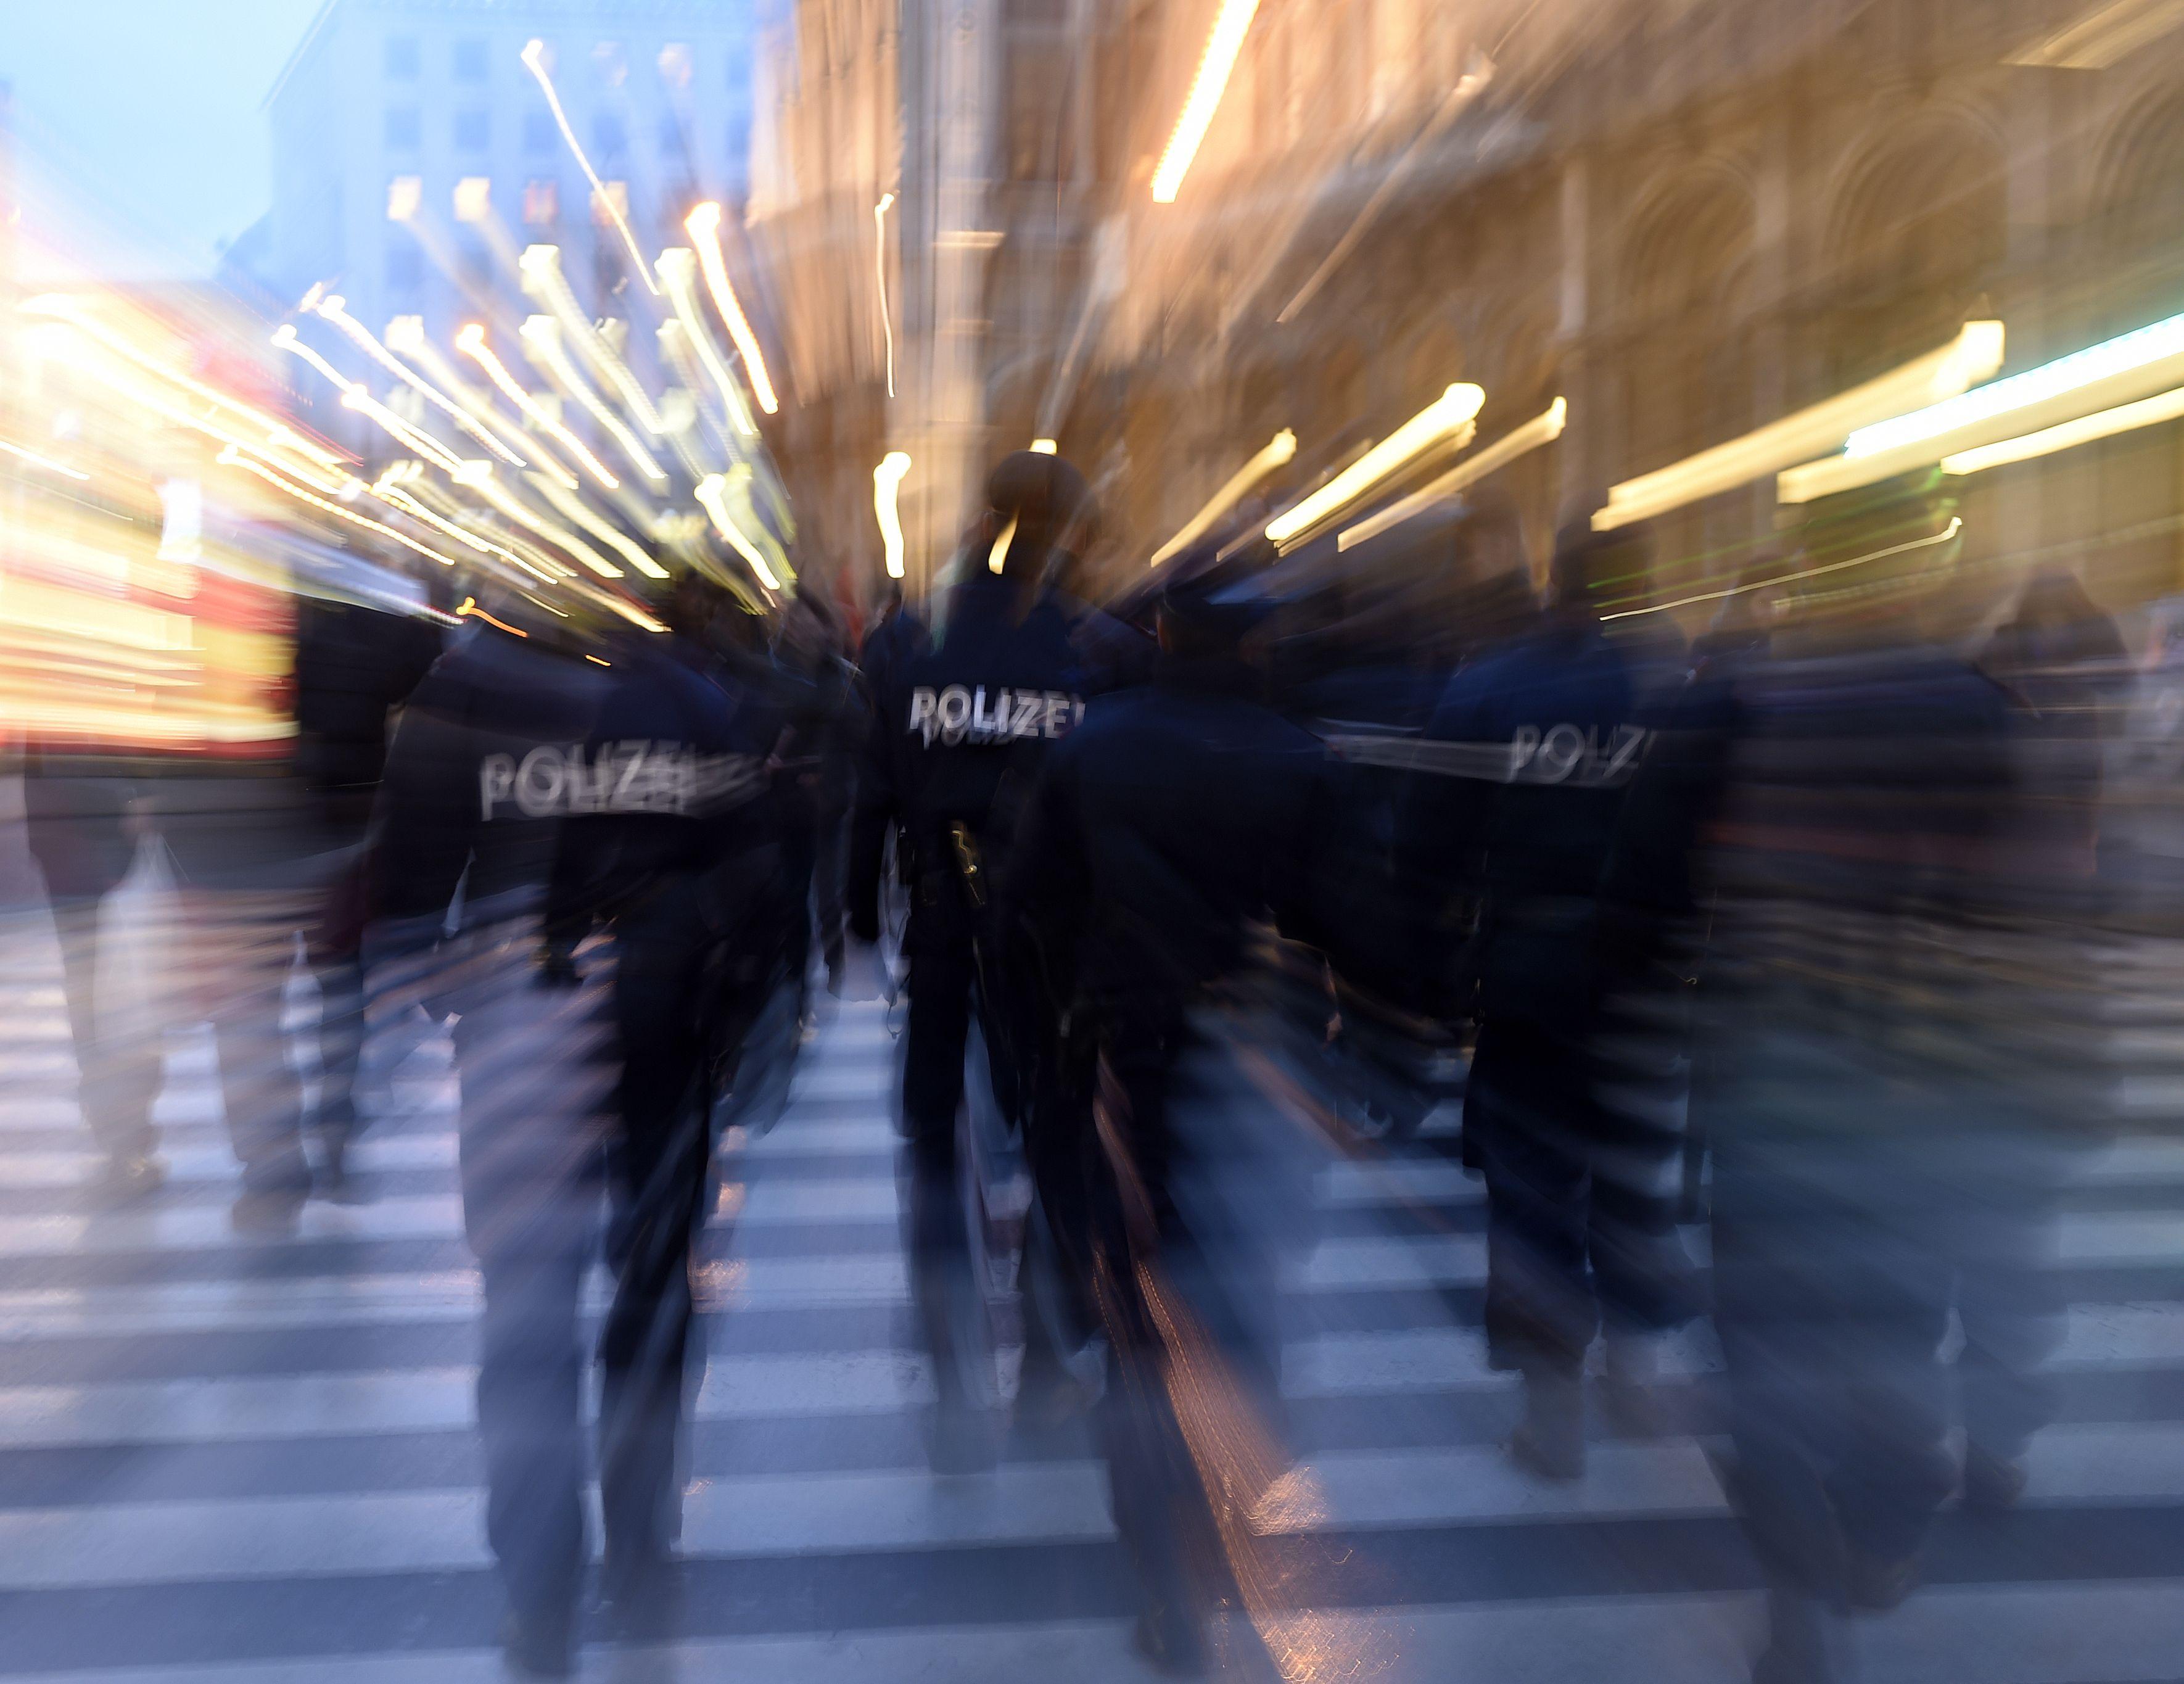 Unbekannter stach grundlos auf 17-Jährigen in Wien-Floridsdorf ein